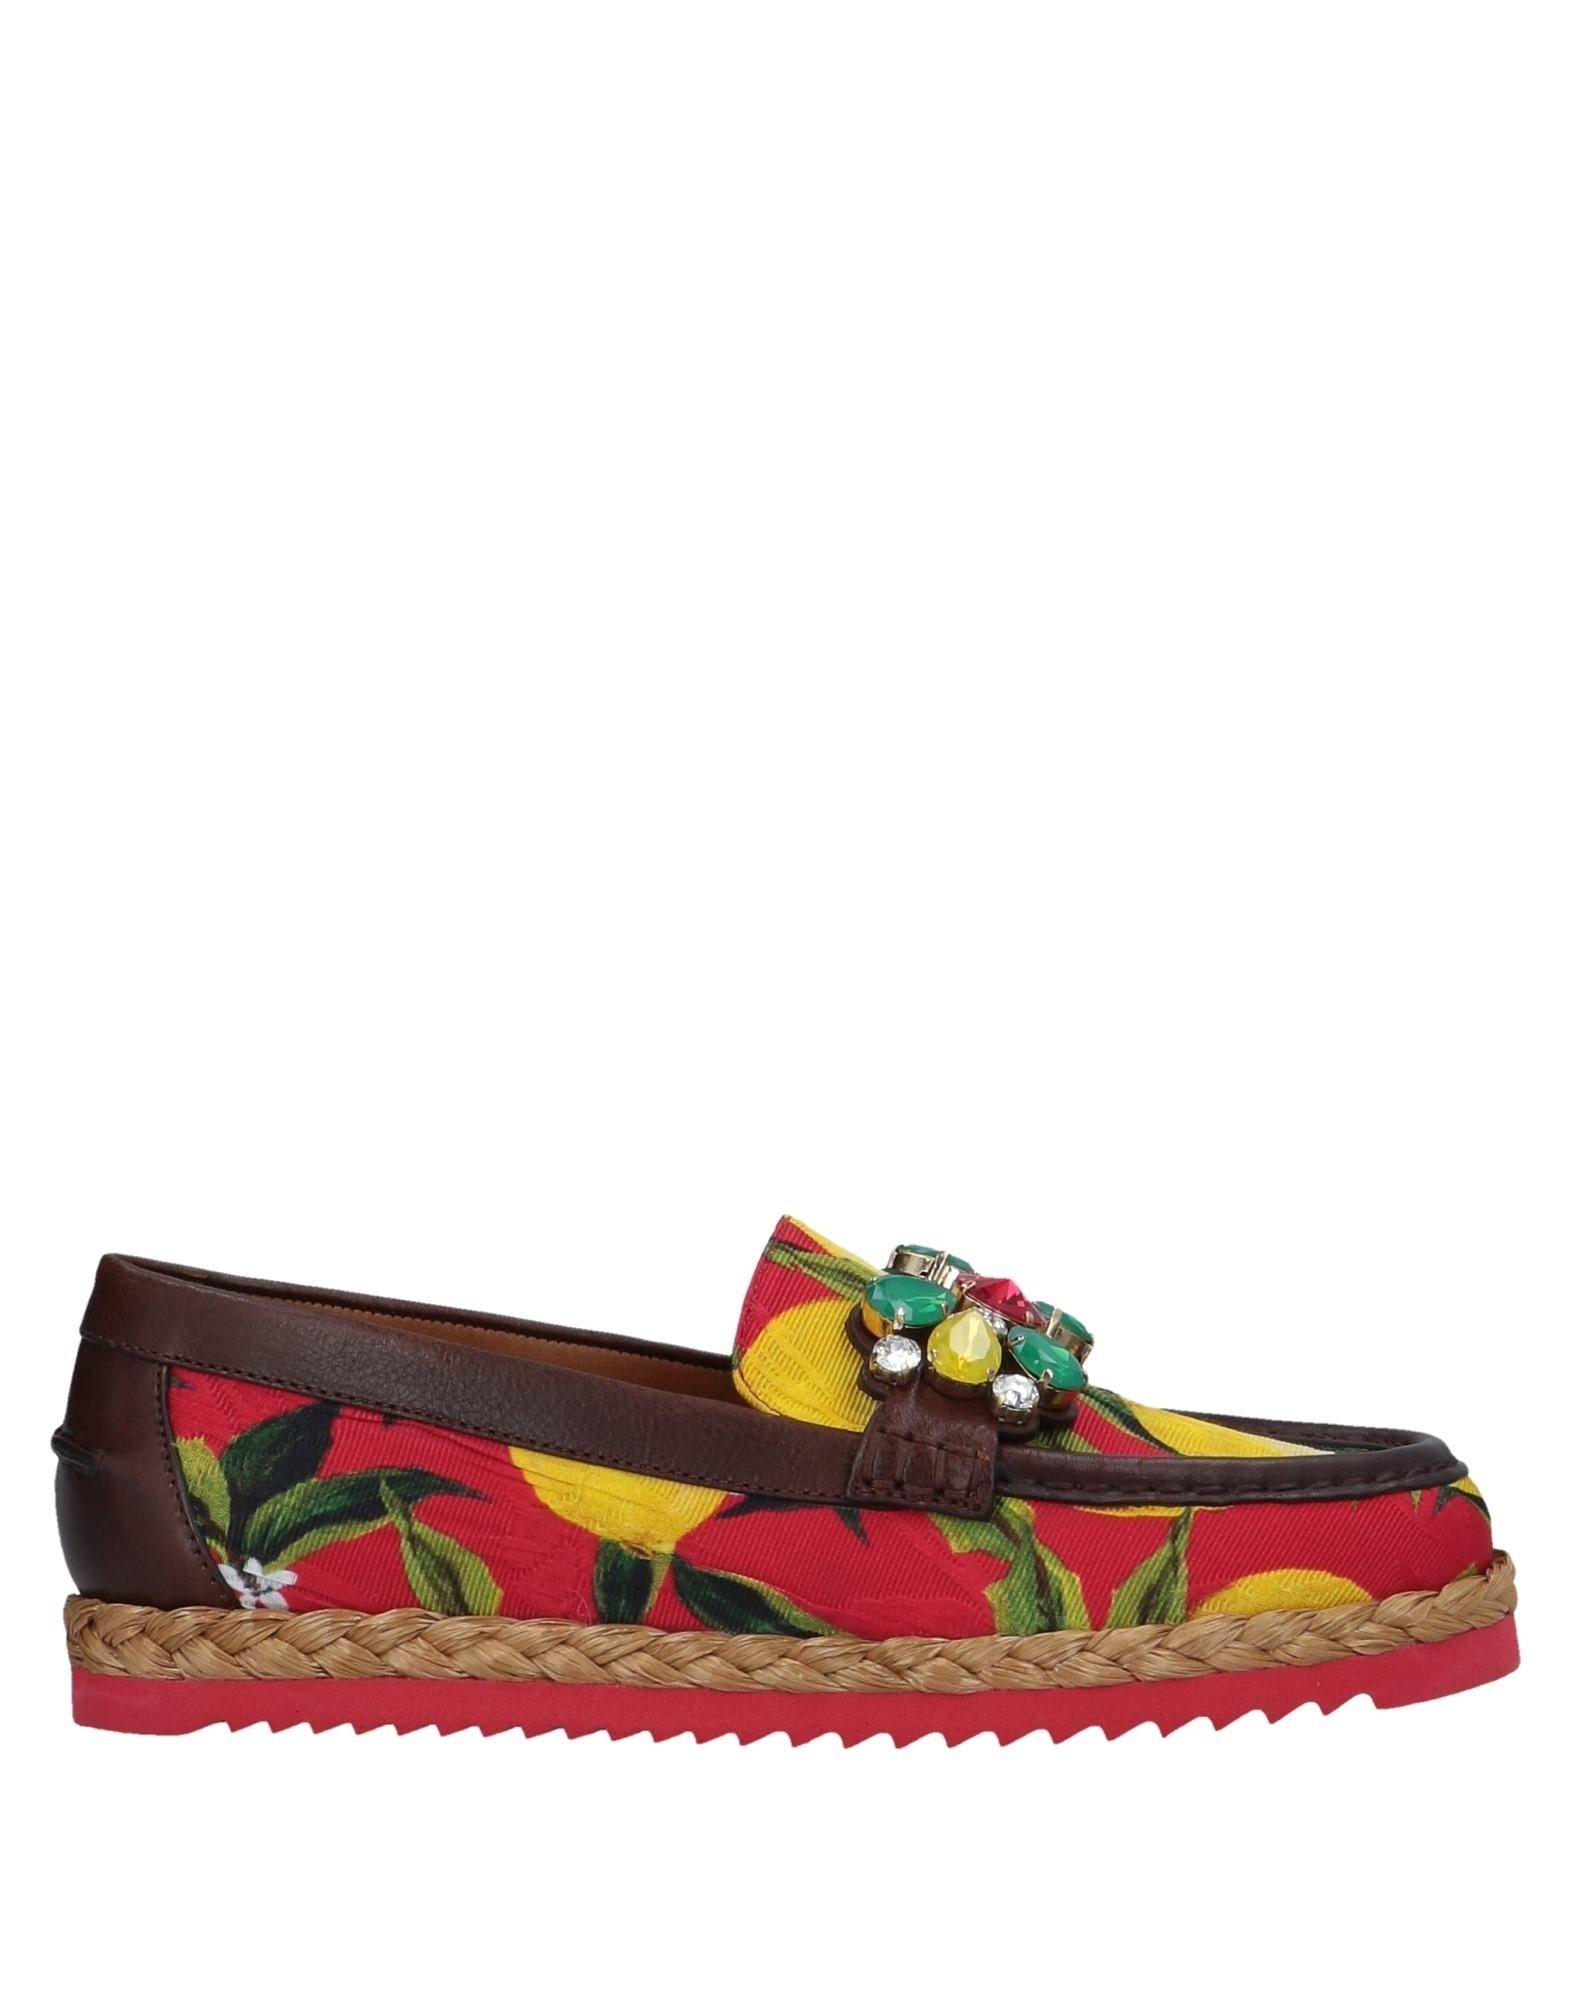 Dolce & Gabbana Mokassins Damen Schuhe  11508382TTGünstige gut aussehende Schuhe Damen 8bcc3b